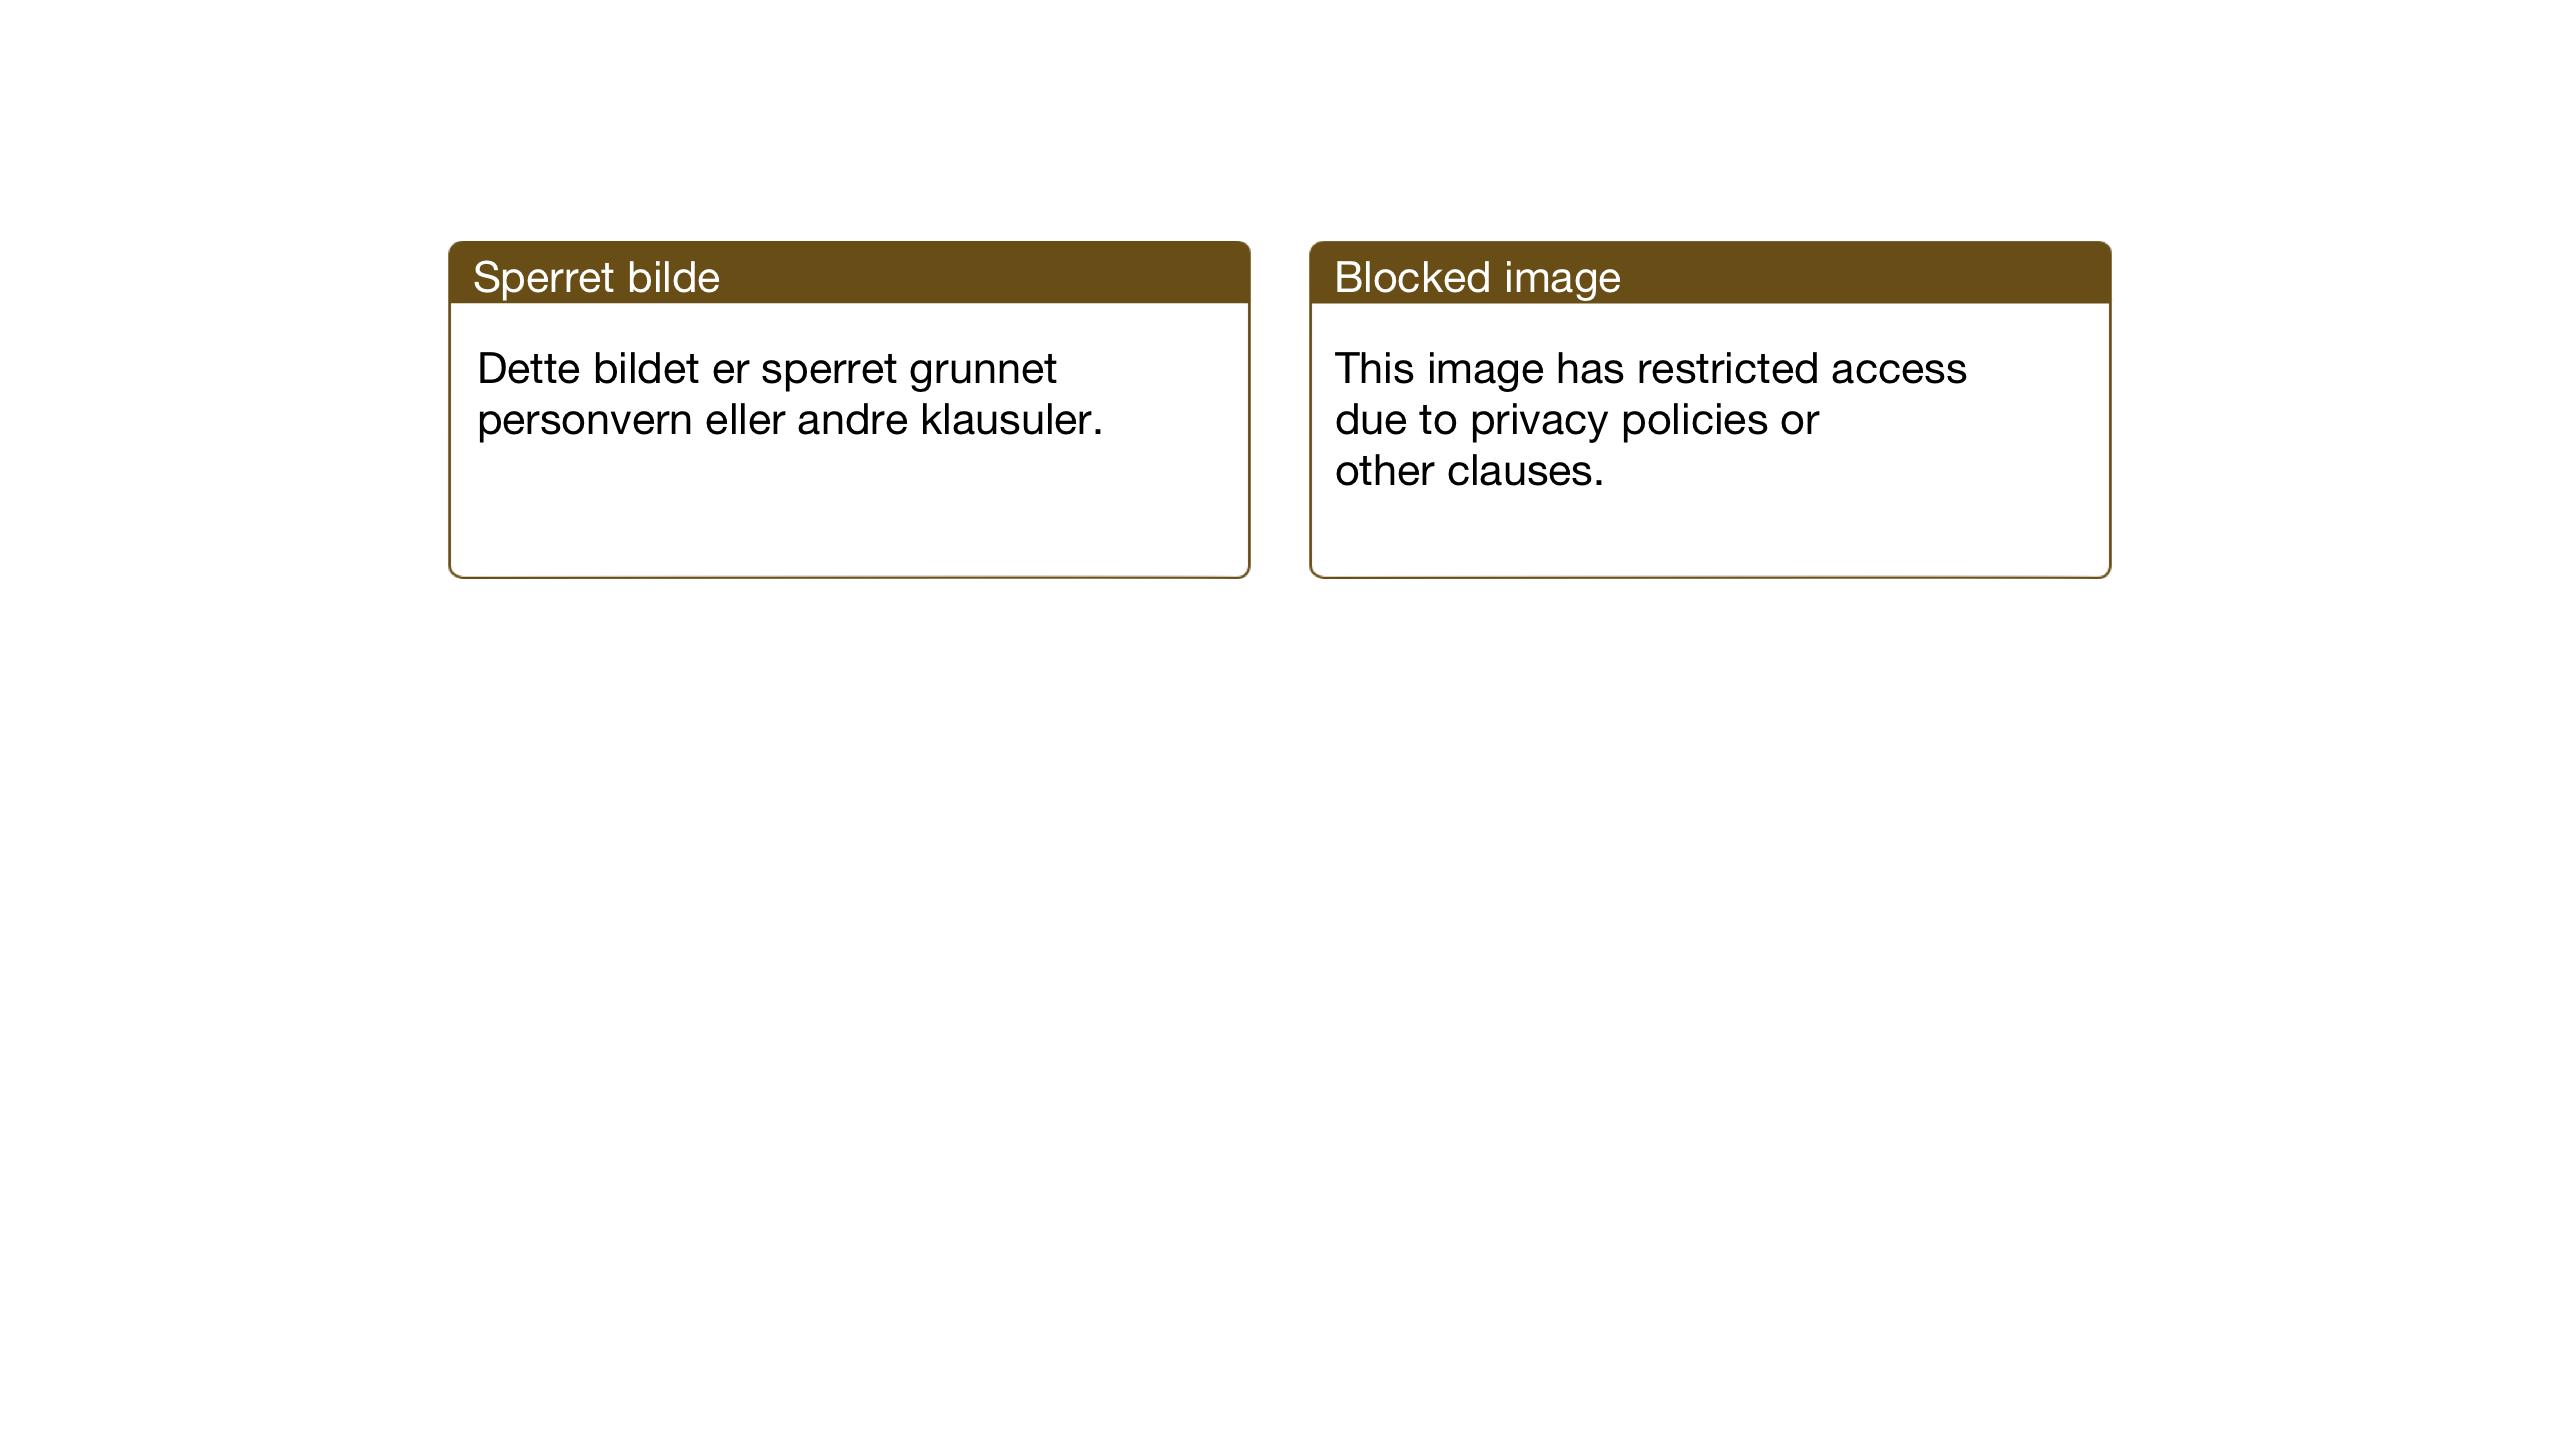 SAT, Ministerialprotokoller, klokkerbøker og fødselsregistre - Nord-Trøndelag, 744/L0425: Klokkerbok nr. 744C04, 1924-1947, s. 48